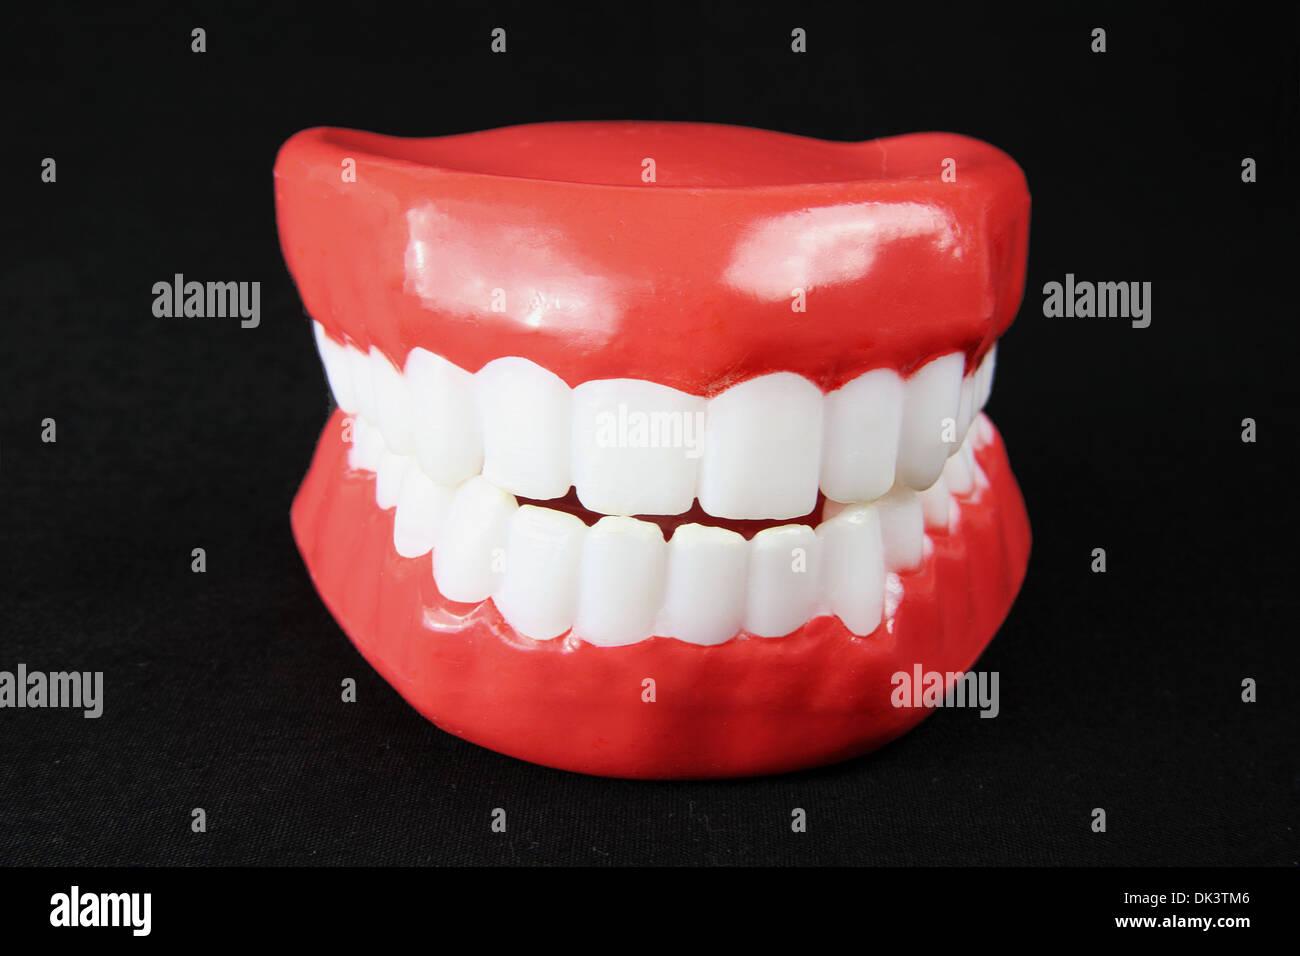 Denture Model - Stock Image